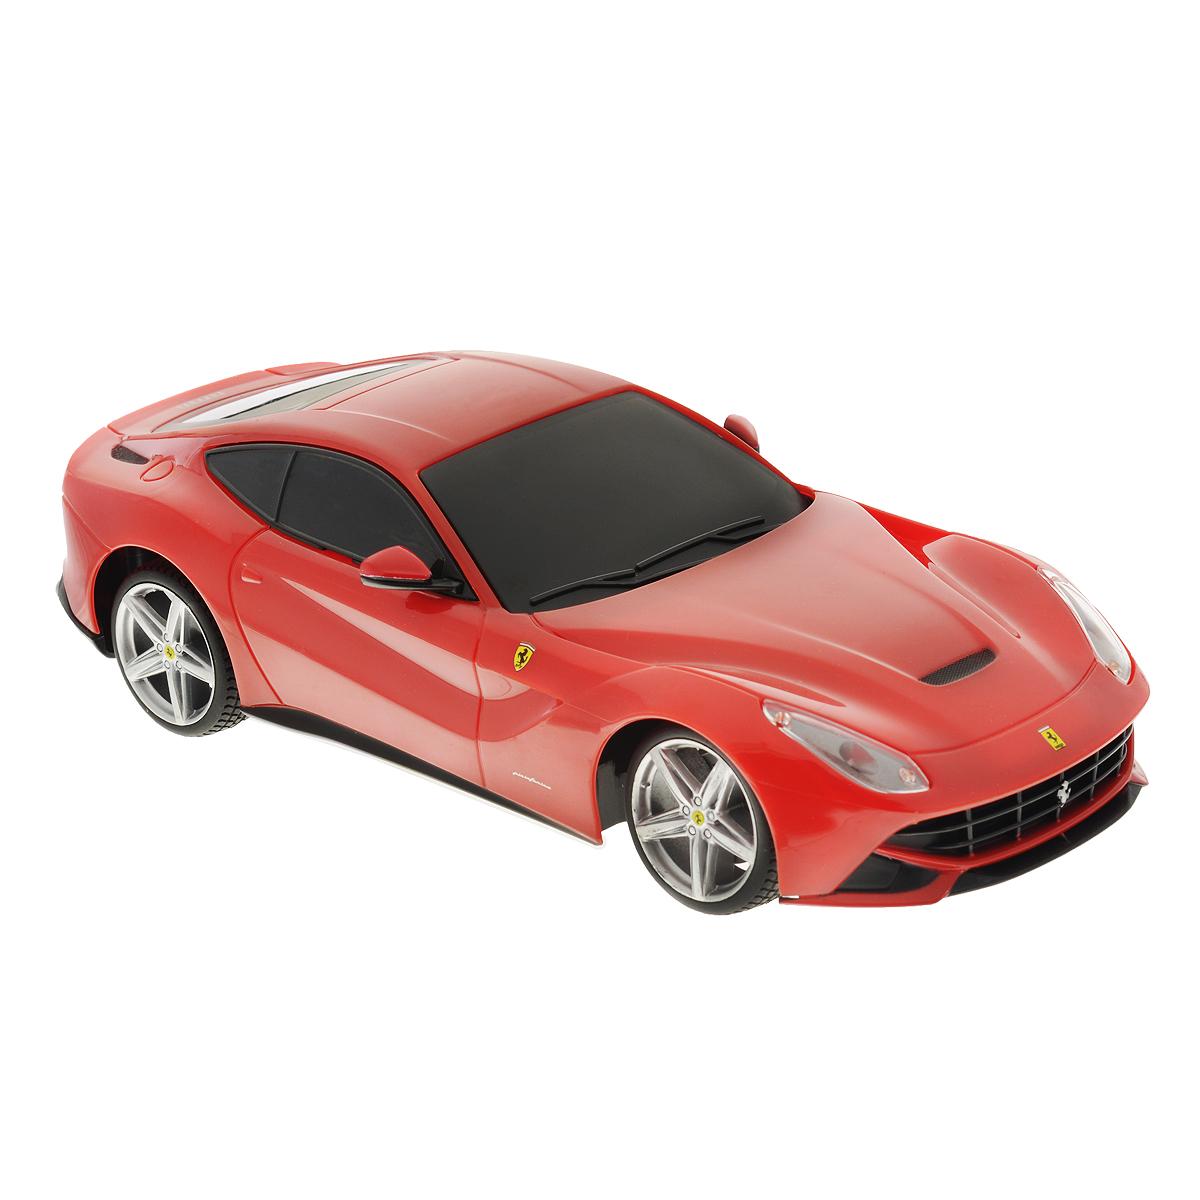 maisto радиоуправляемая модель volkswagen beetle цвет желтый Maisto Радиоуправляемая модель Ferrari F12 Berlinetta цвет красный масштаб 1:24